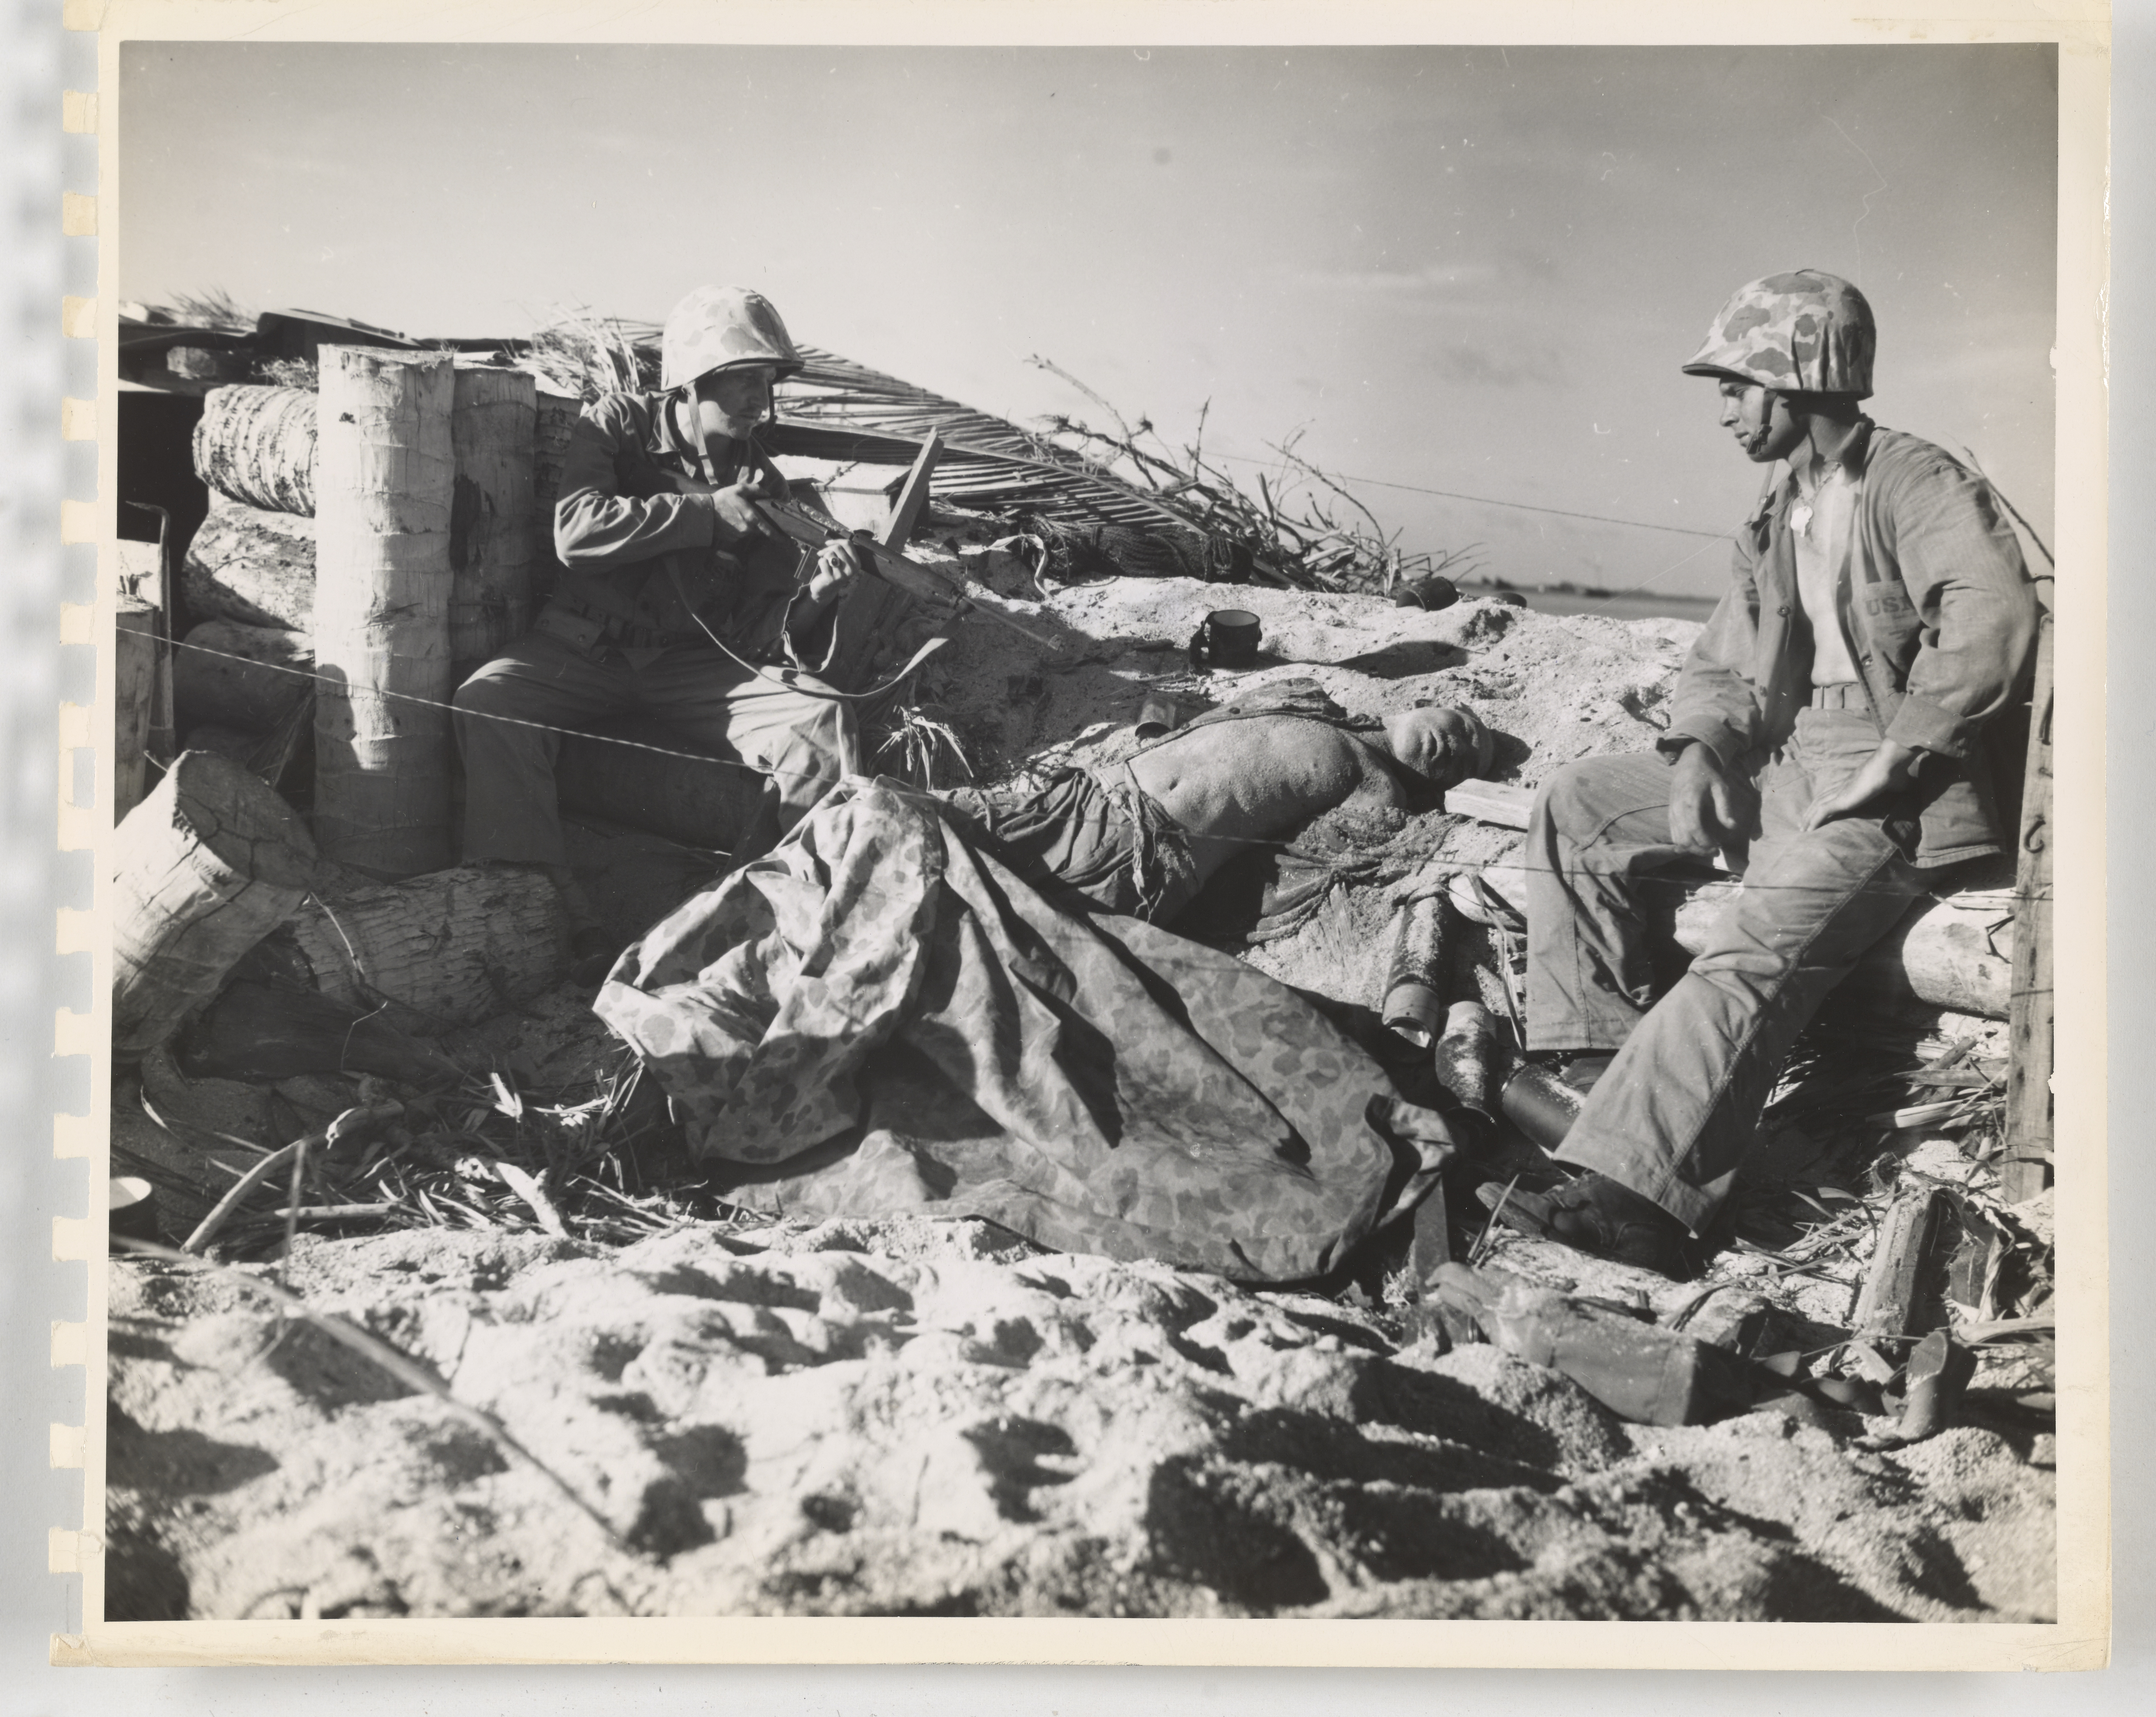 World War II – Tarawa